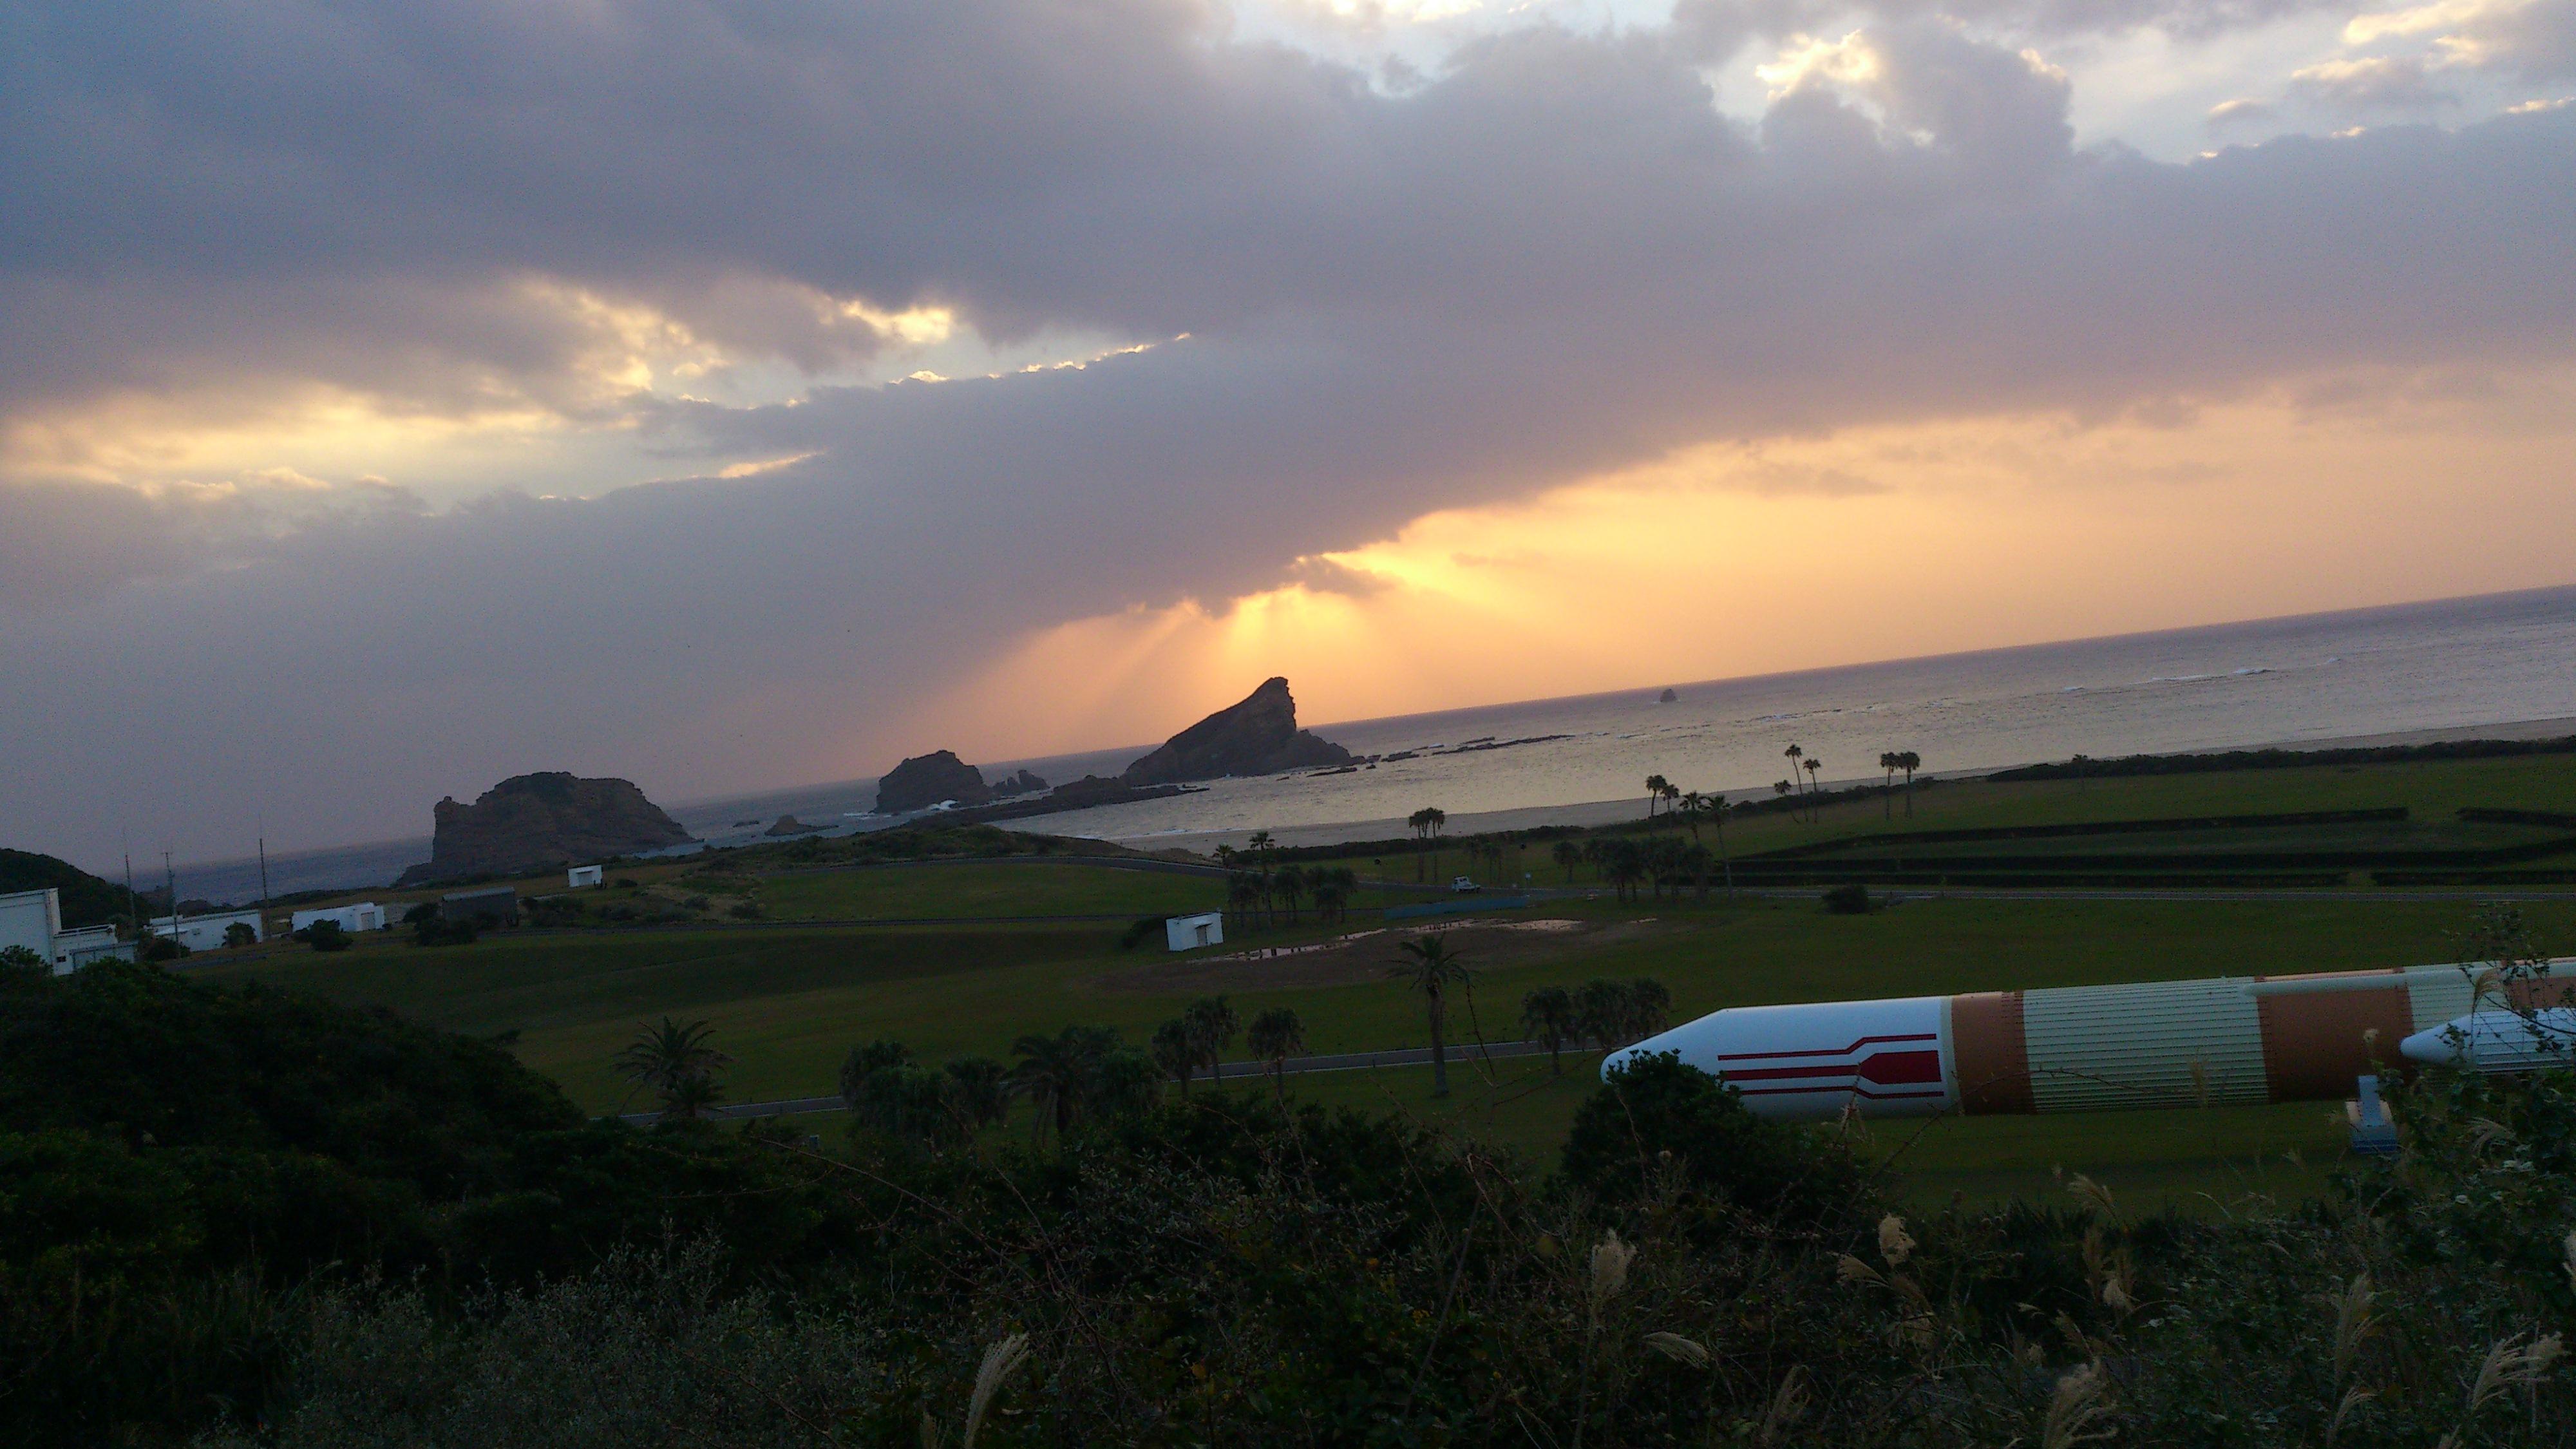 2012年12月。僕は種子島を一人で旅した:ロケットのオブジェクト④雲の切れ間からの光がキレイ